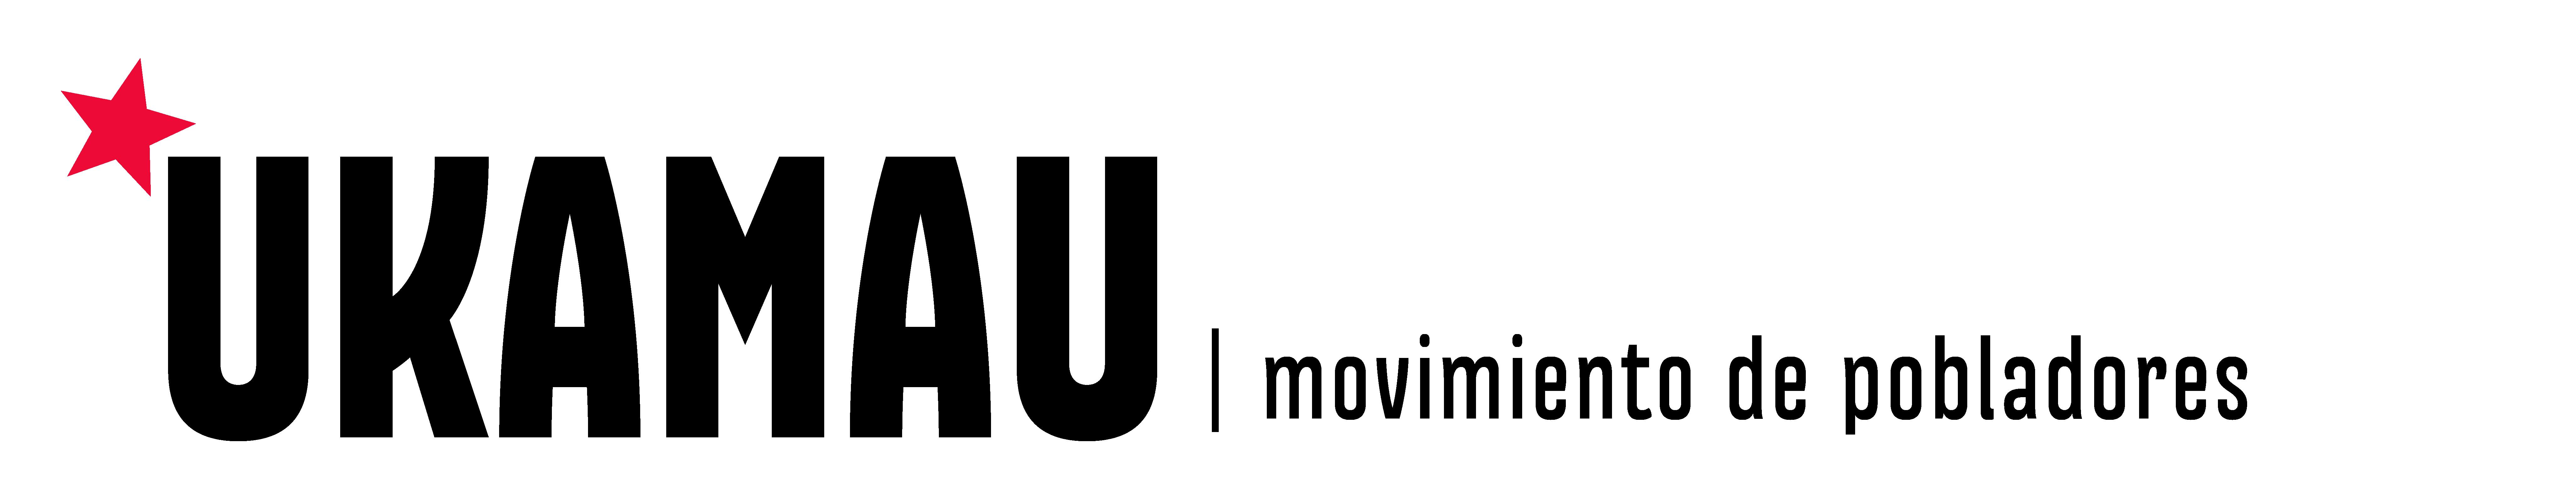 Ukamau